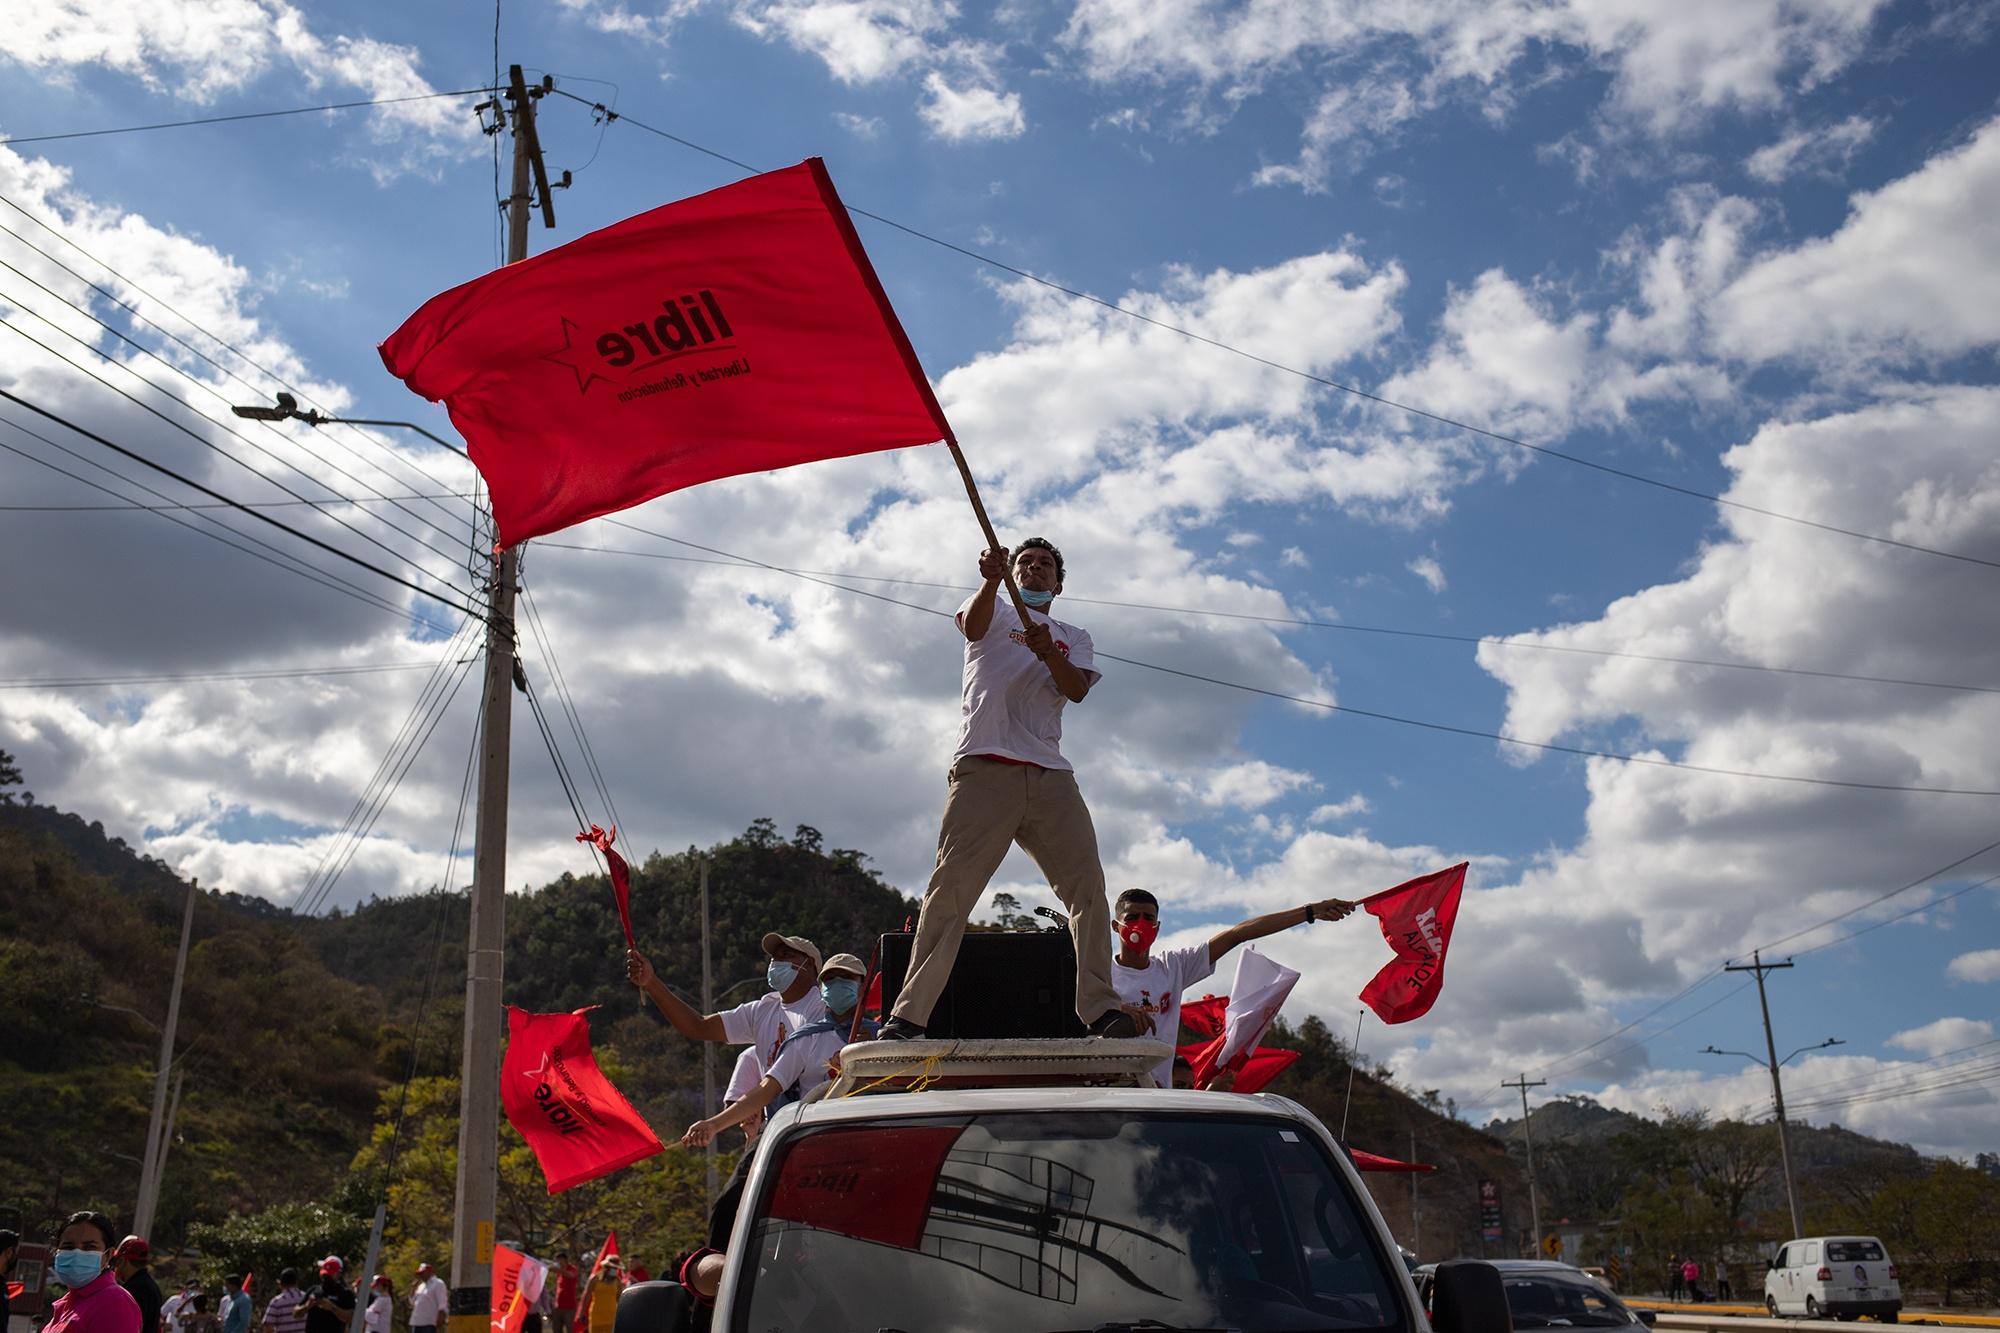 Un joven ondea una bandera del Partido Libre durante el cierre de campaña de la precandidata a la presidencia, Xiomara Castro. Tegucigalpa, 7 de marzo de 2021. Foto: Martín Cálix.